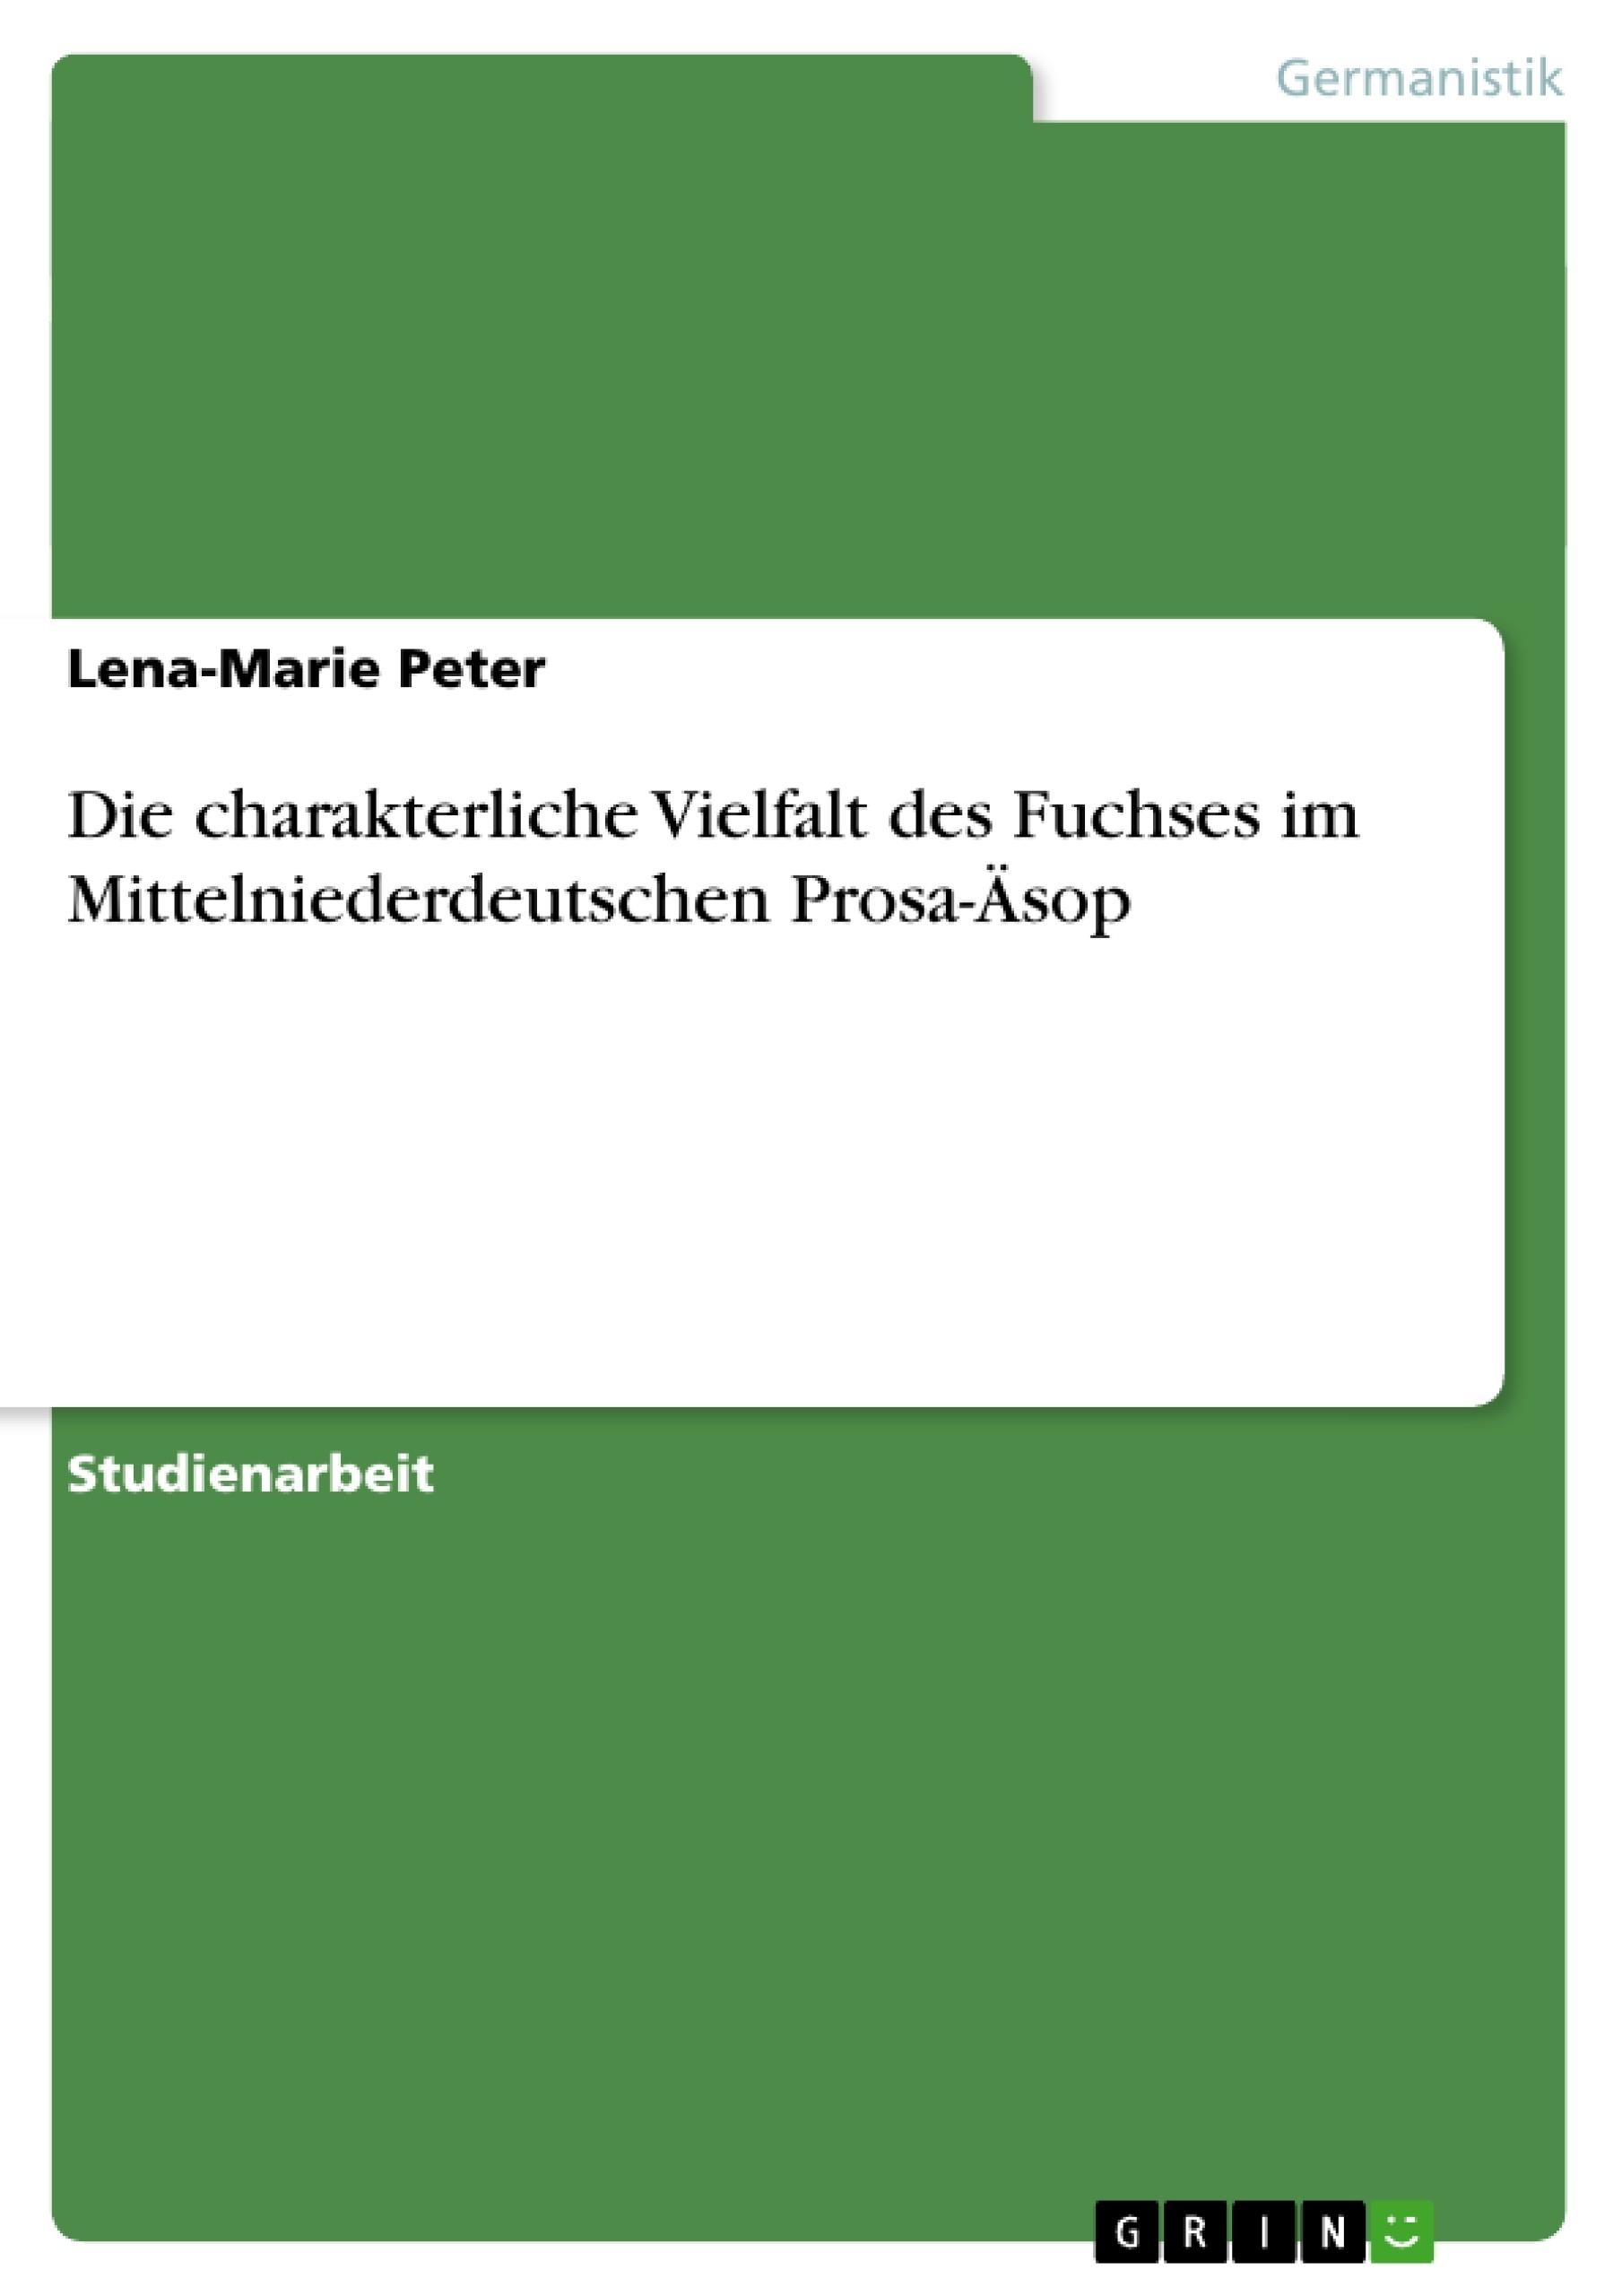 Titel: Die charakterliche Vielfalt des Fuchses im Mittelniederdeutschen Prosa-Äsop